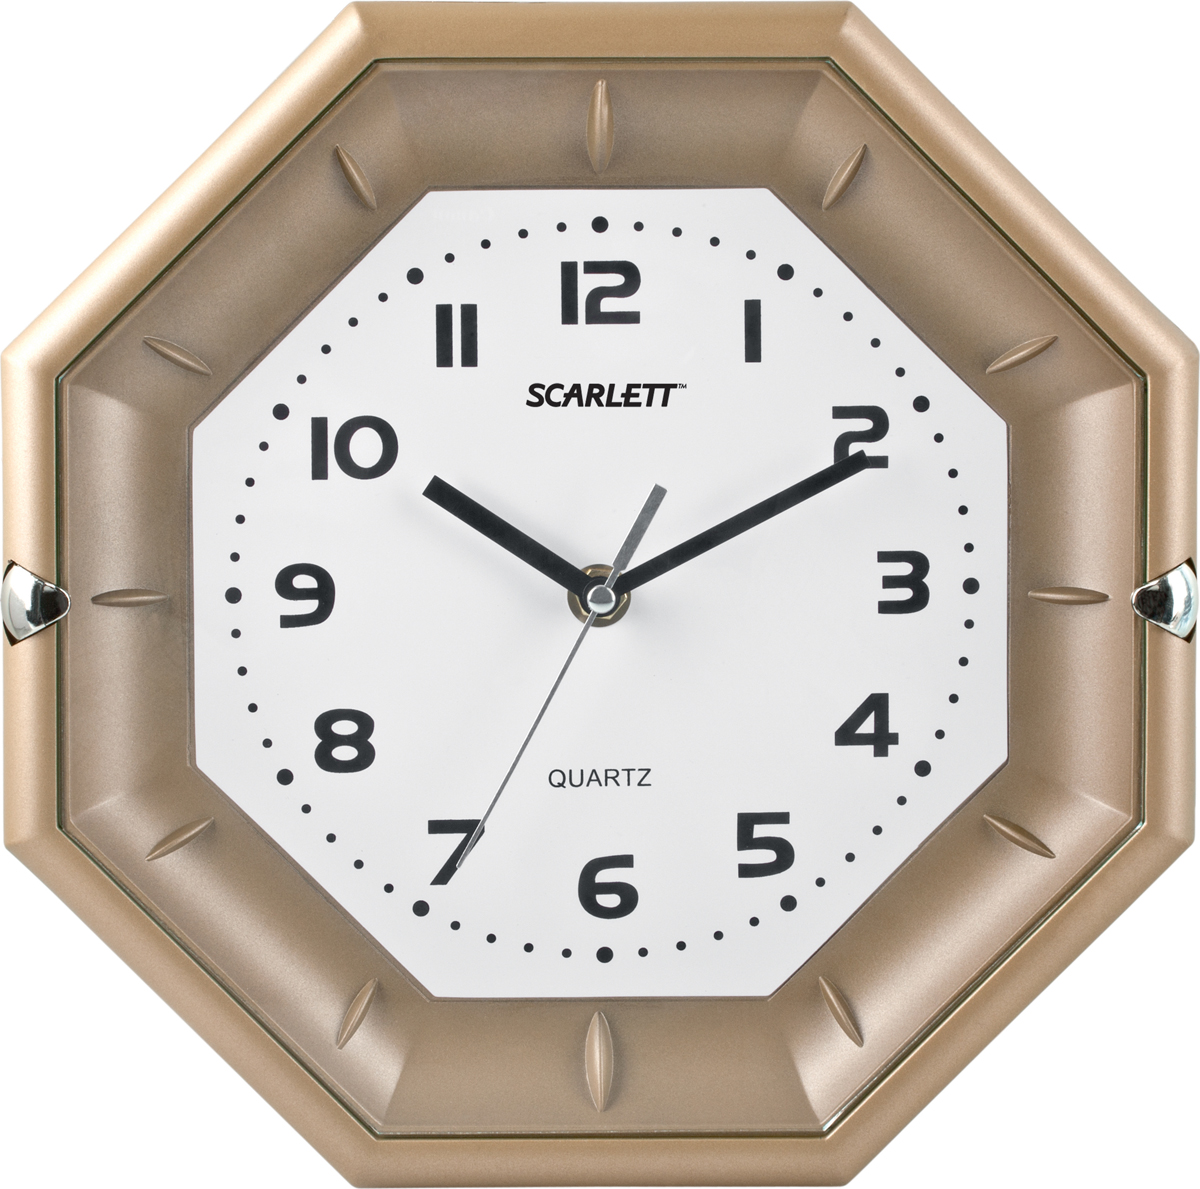 Scarlett SC-55QZ часы настенныеSC-55QZЭлемент питания: тип АА 1.5V Период работы от одного элемента: 12 месяцев Относительная влажность помещения от 30% до 80% Температура: от 1°С до 45°С Плавный ход секундной стрелки Размер: 25.5x25.5x4.0 см